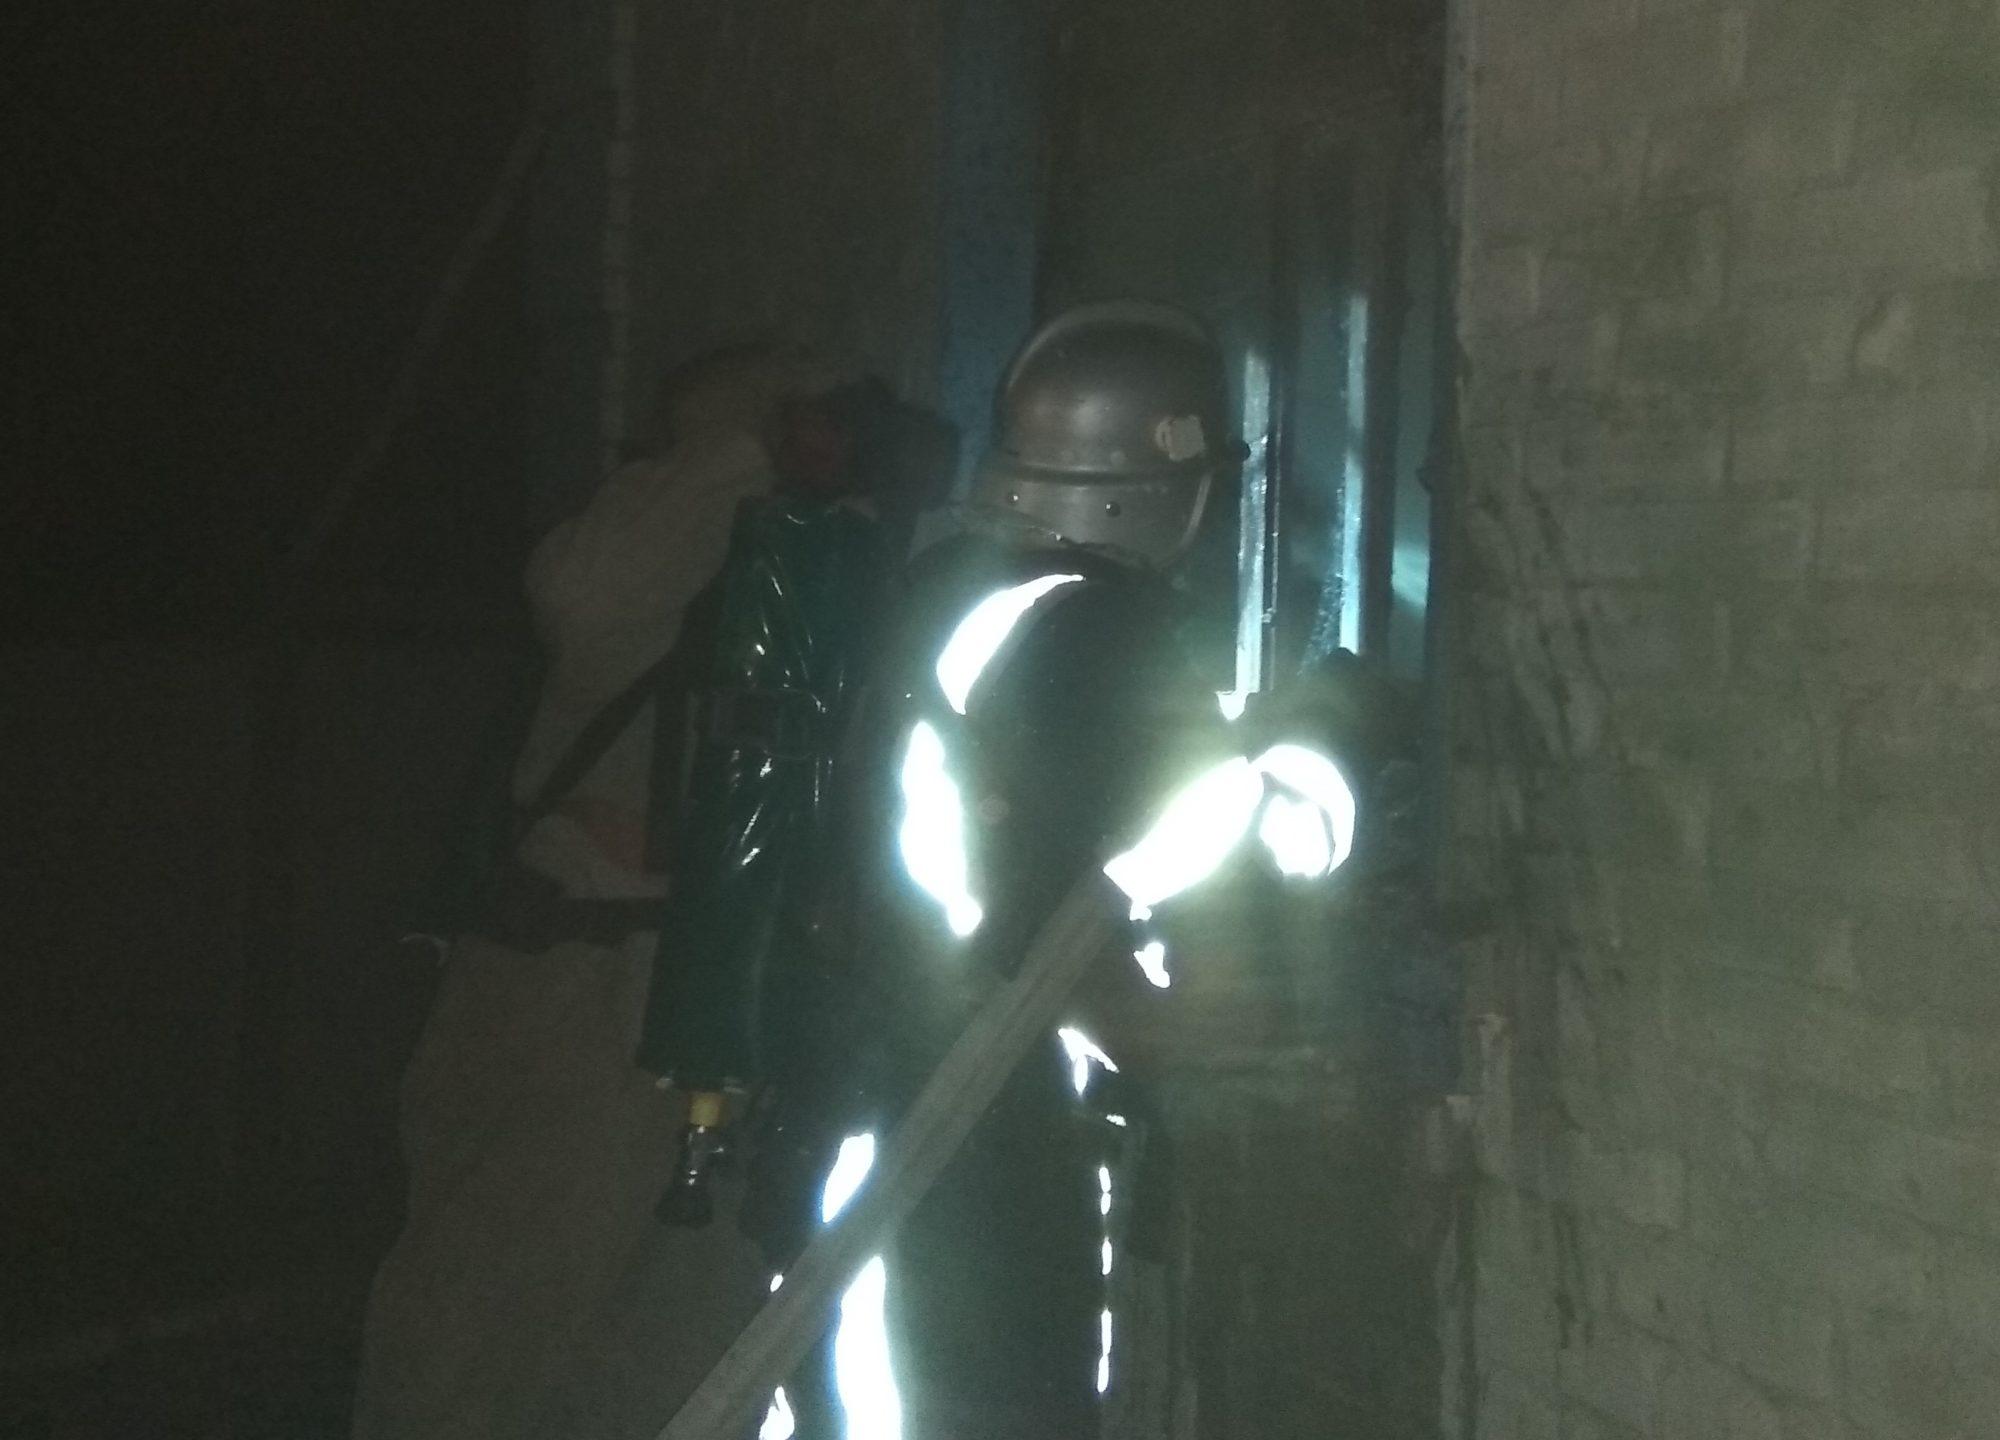 IMG_20191123_225226-2000x1440 На Білоцерківщині загорівся приватний будинок 25.11.2019